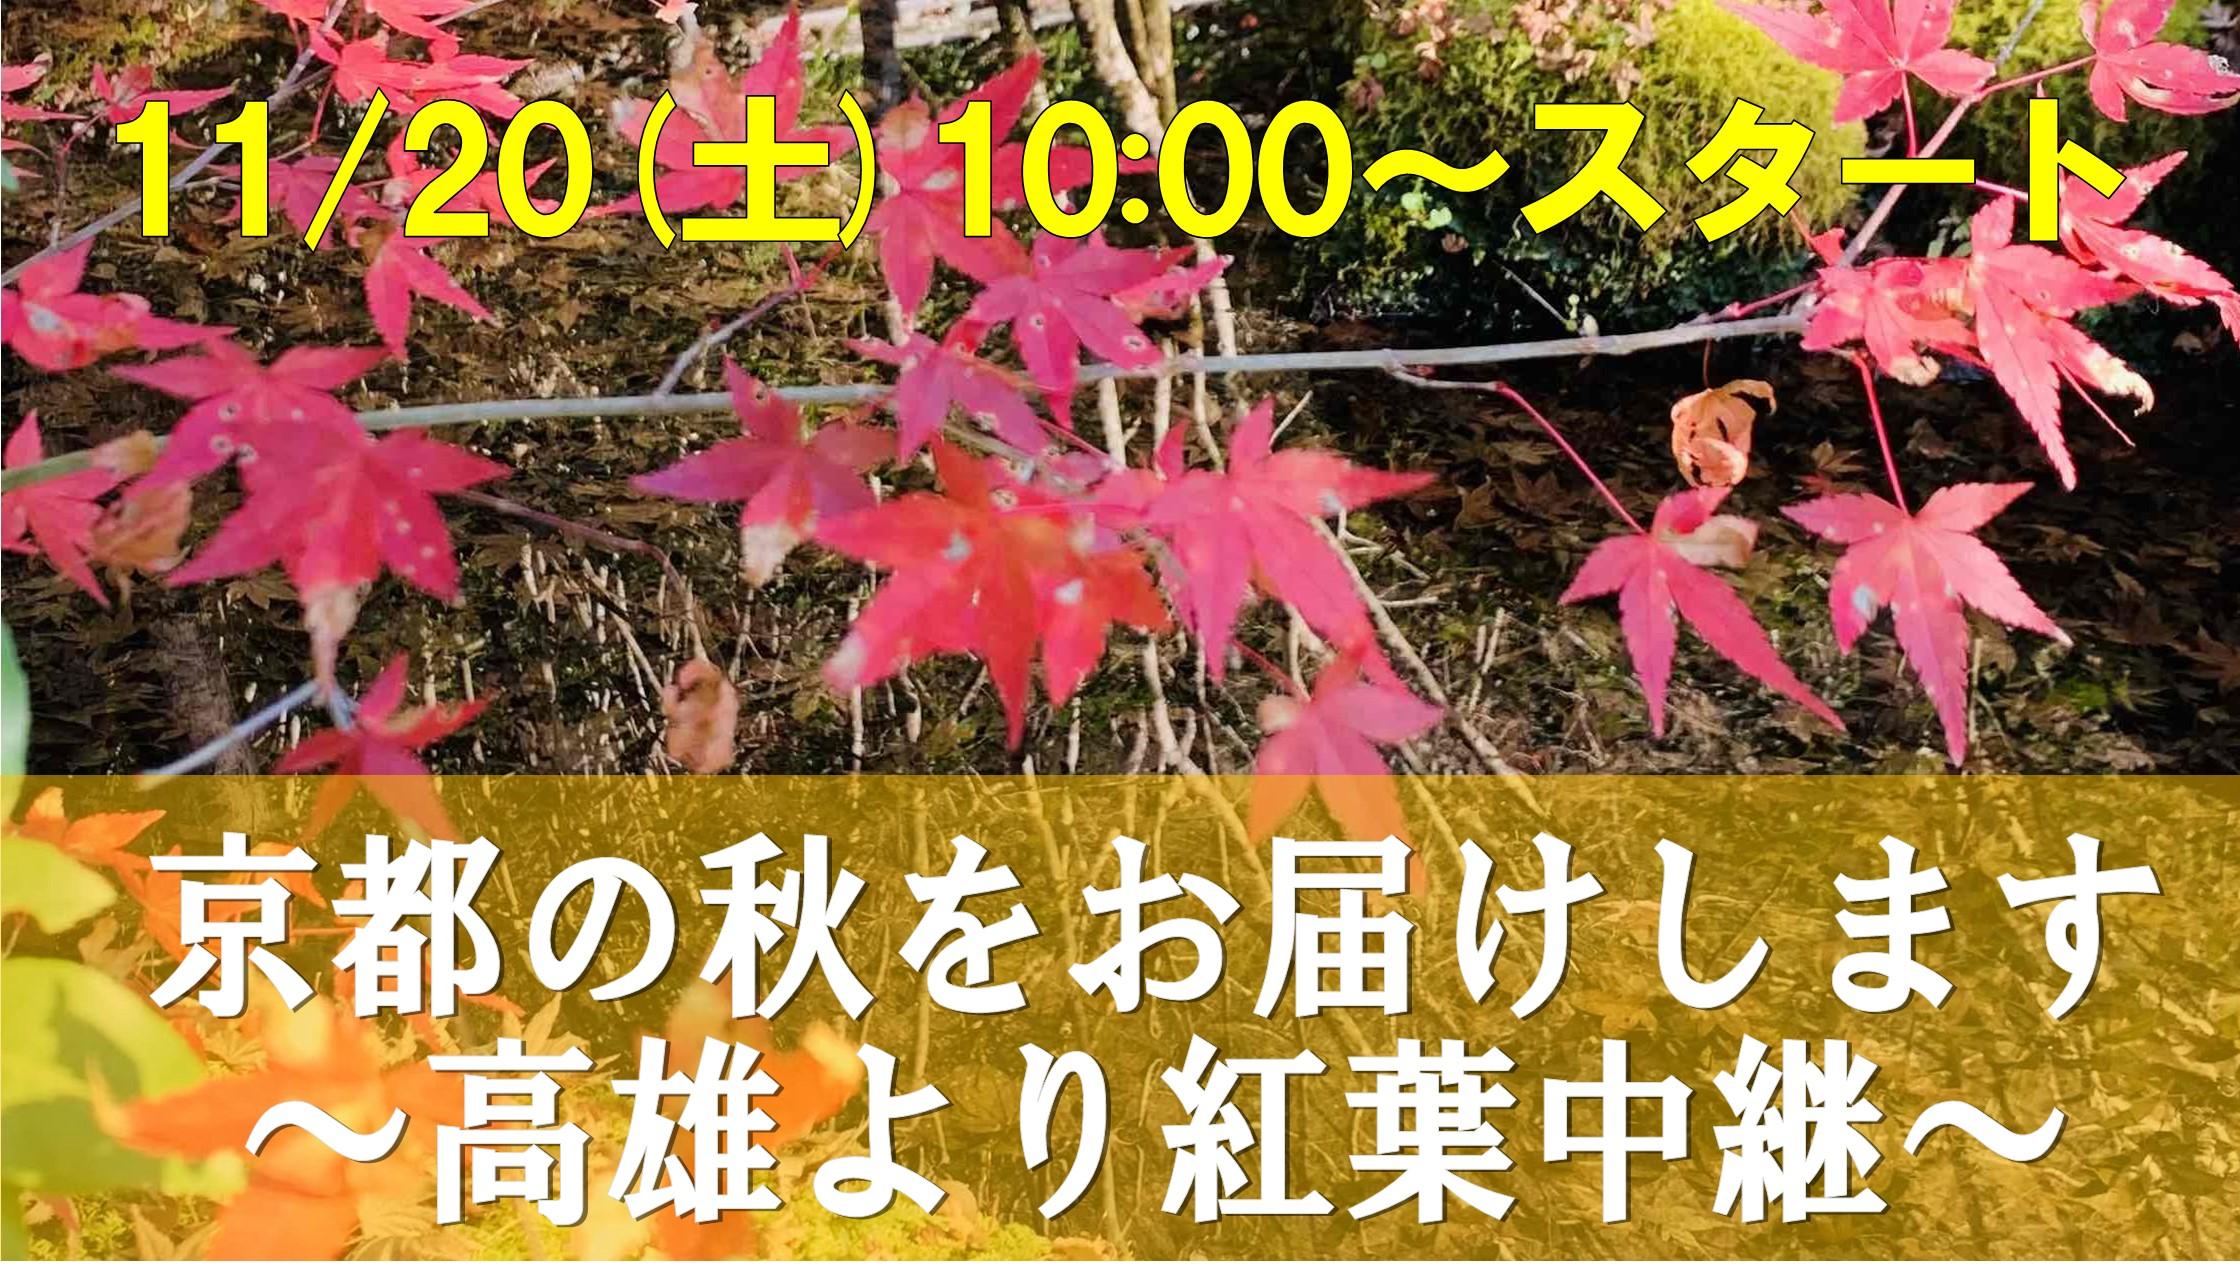 【京都】11/20(土)10:00~『京都の秋をお届けします~高雄より紅葉中継』